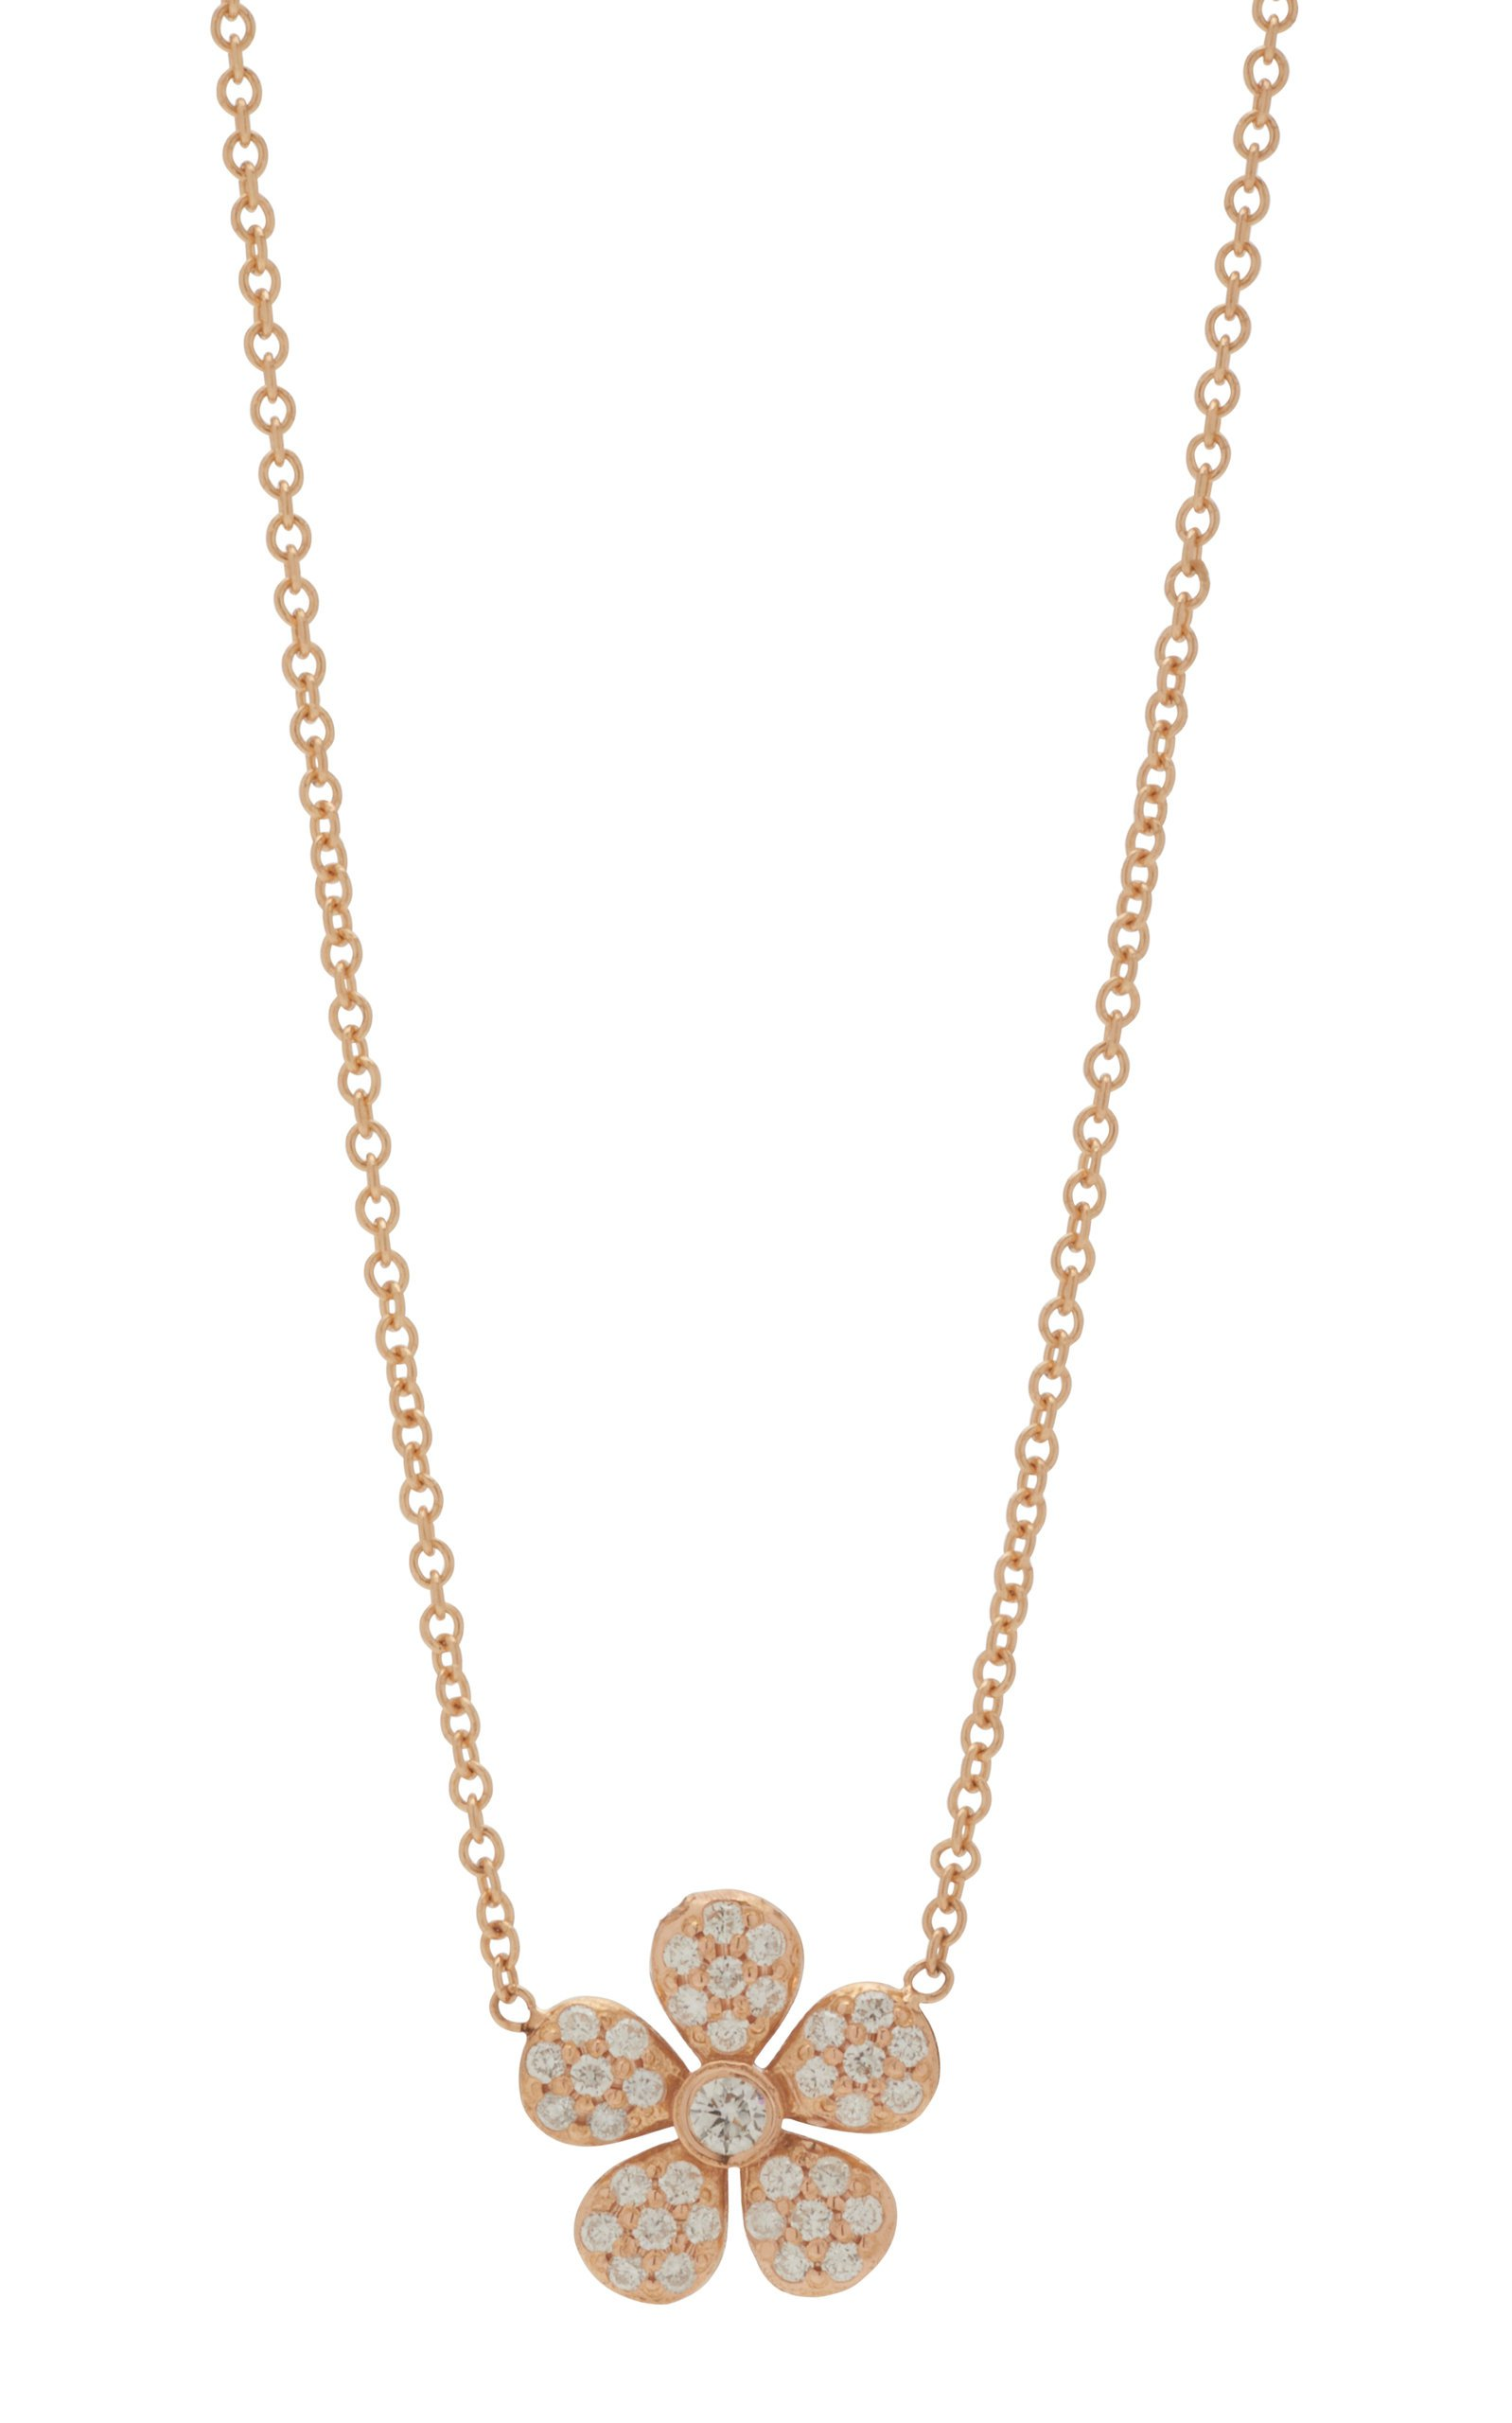 Ivy 18K Rose Gold Pendant Necklace by Colette Jewelry | Moda Operandi